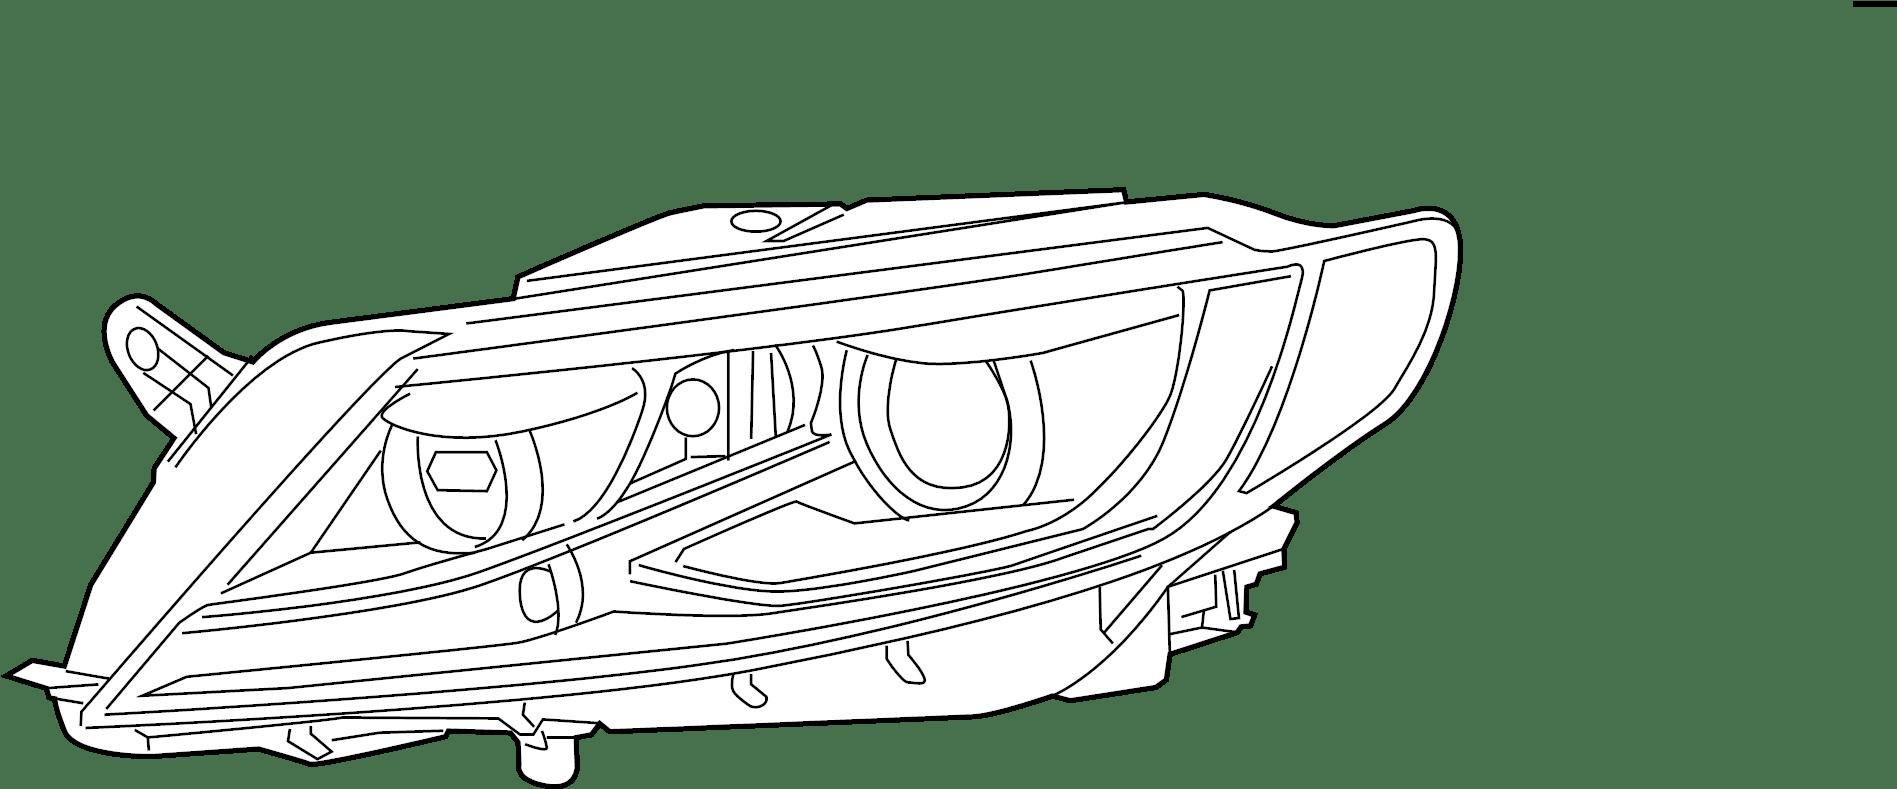 Volkswagen Cc Sport Sedan 2 0l A T Fwd Headlight